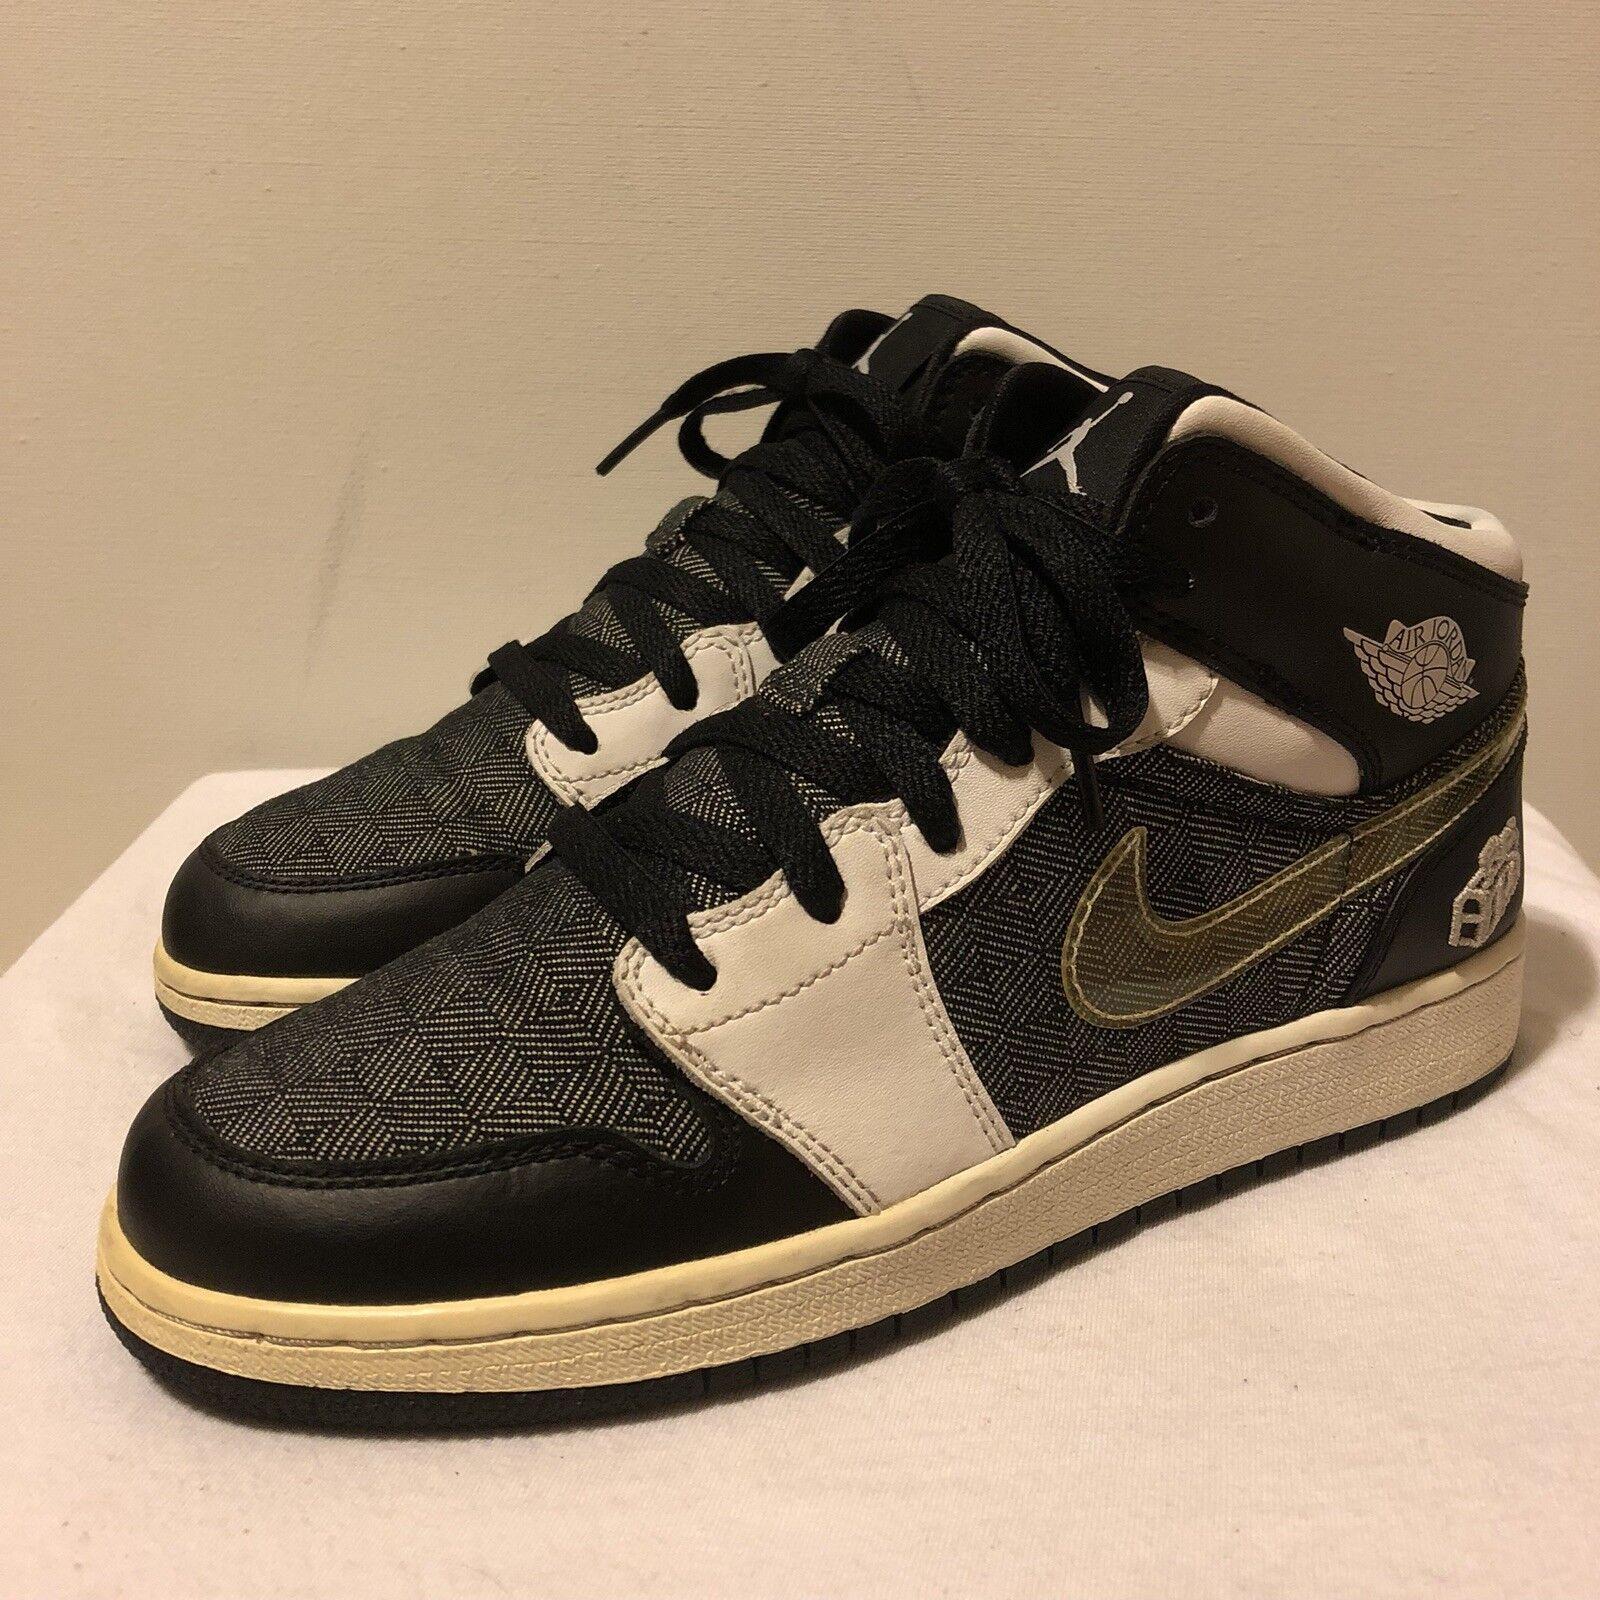 Nike air jordan retro - vatertag 1 vatertag - 5,5 1437ce